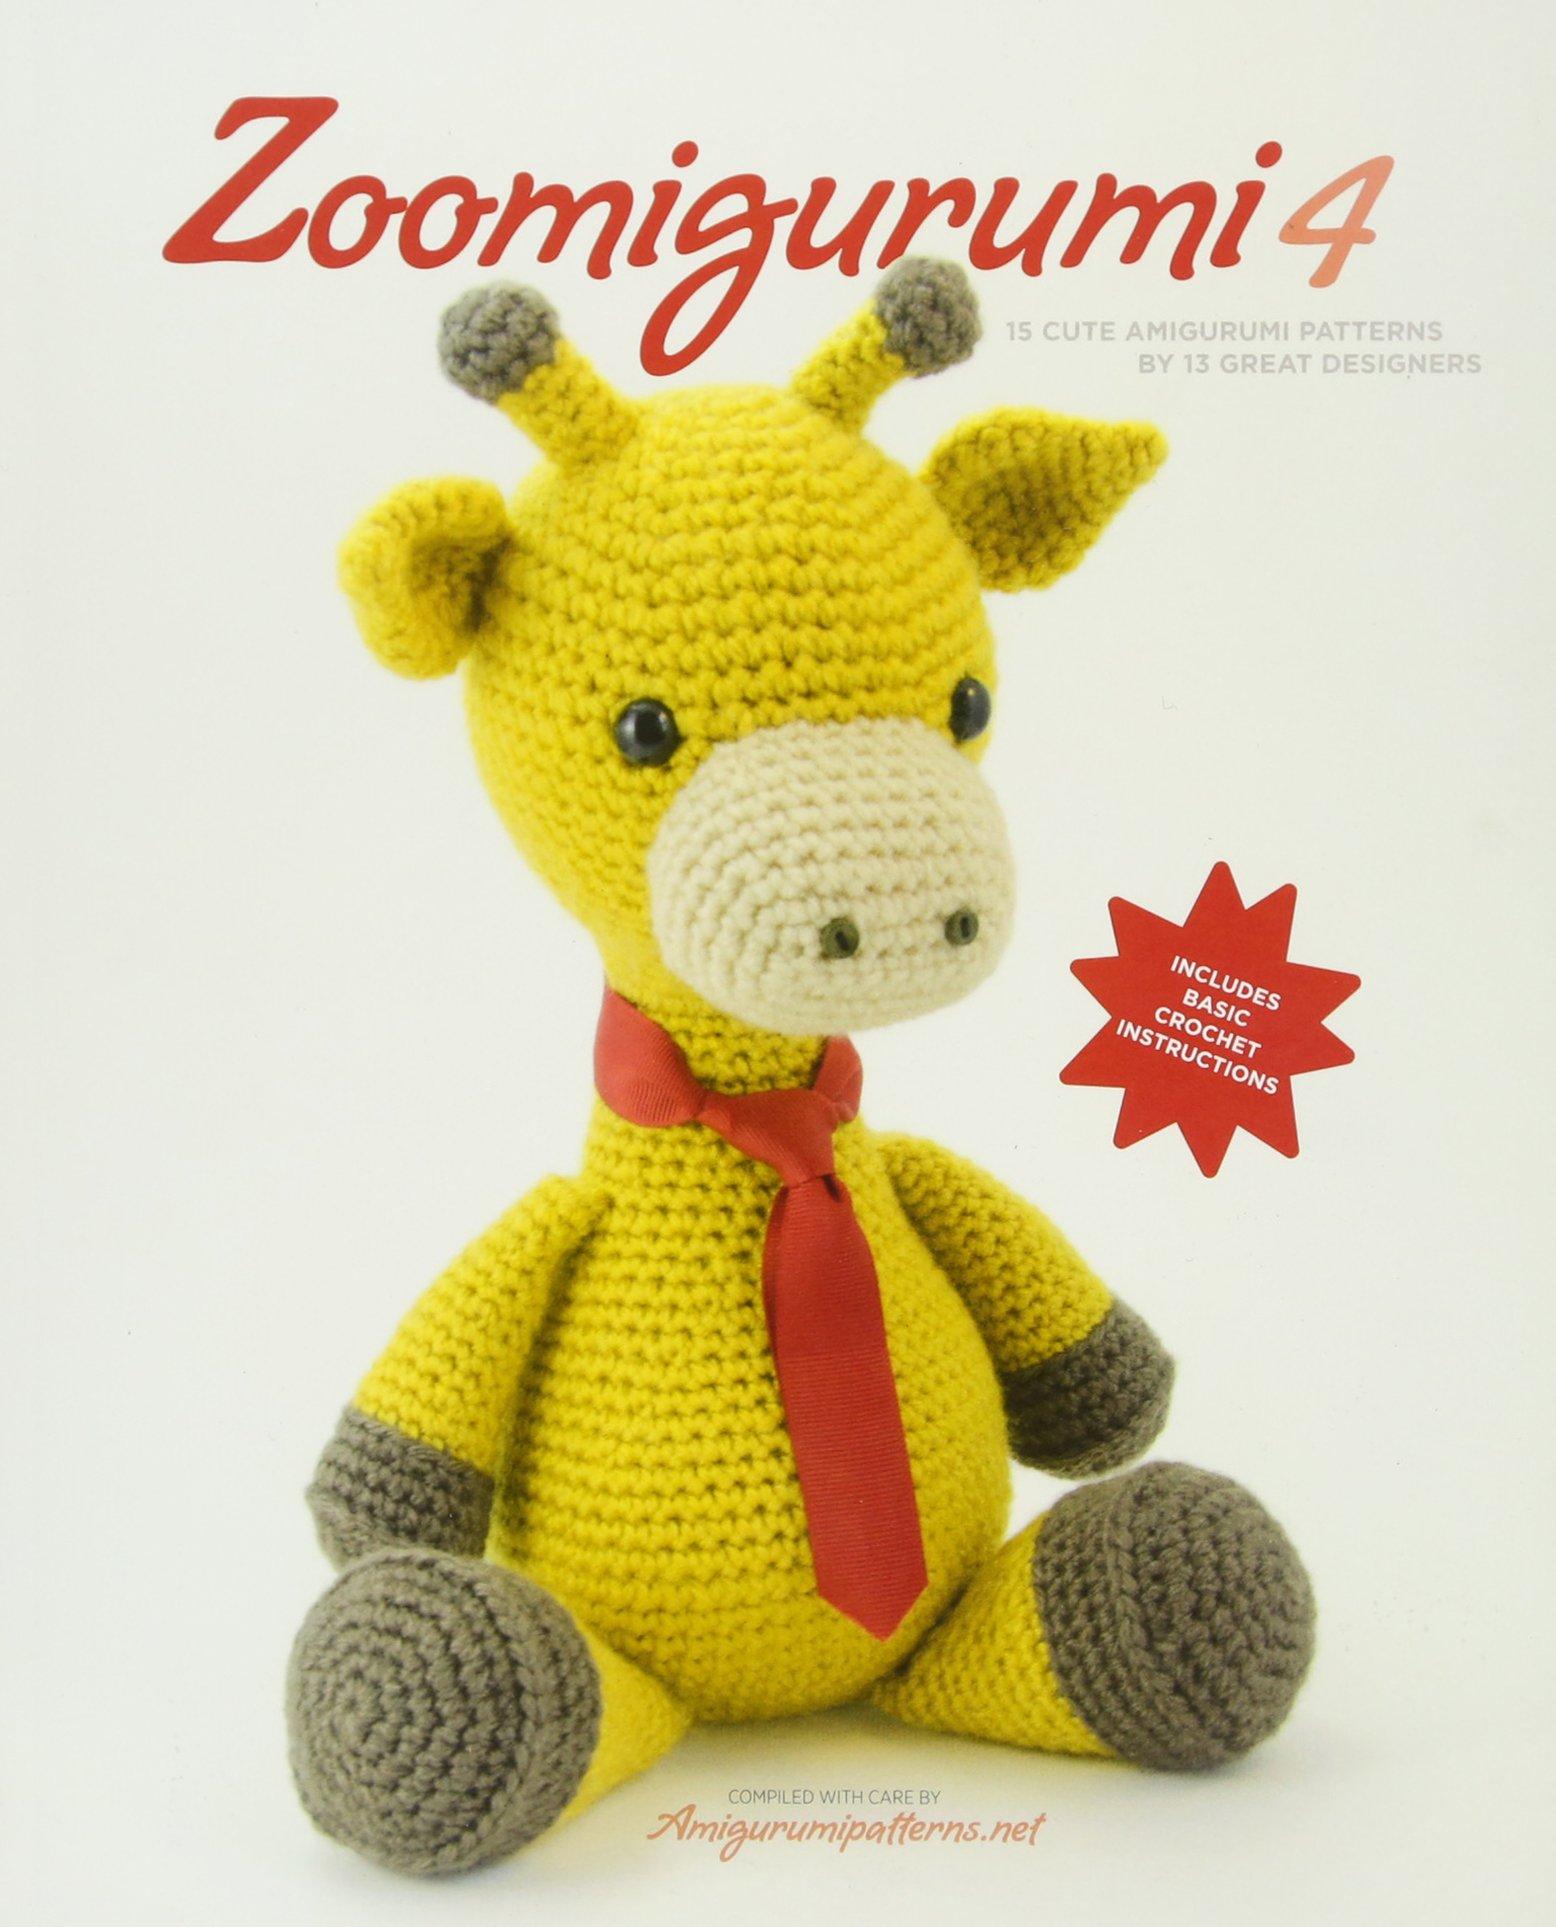 Read Online Zoomigurumi 4: 15 Cute Amigurumi Patterns by 12 Great Designers PDF